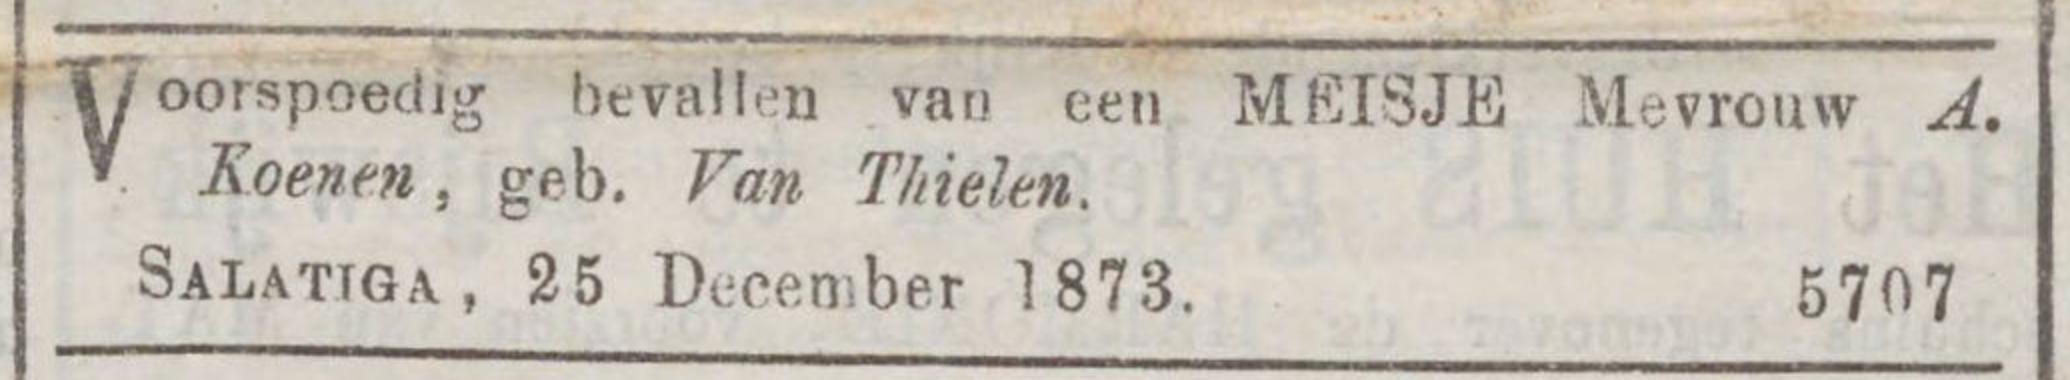 Tilly Koenen geboorteadv 1873